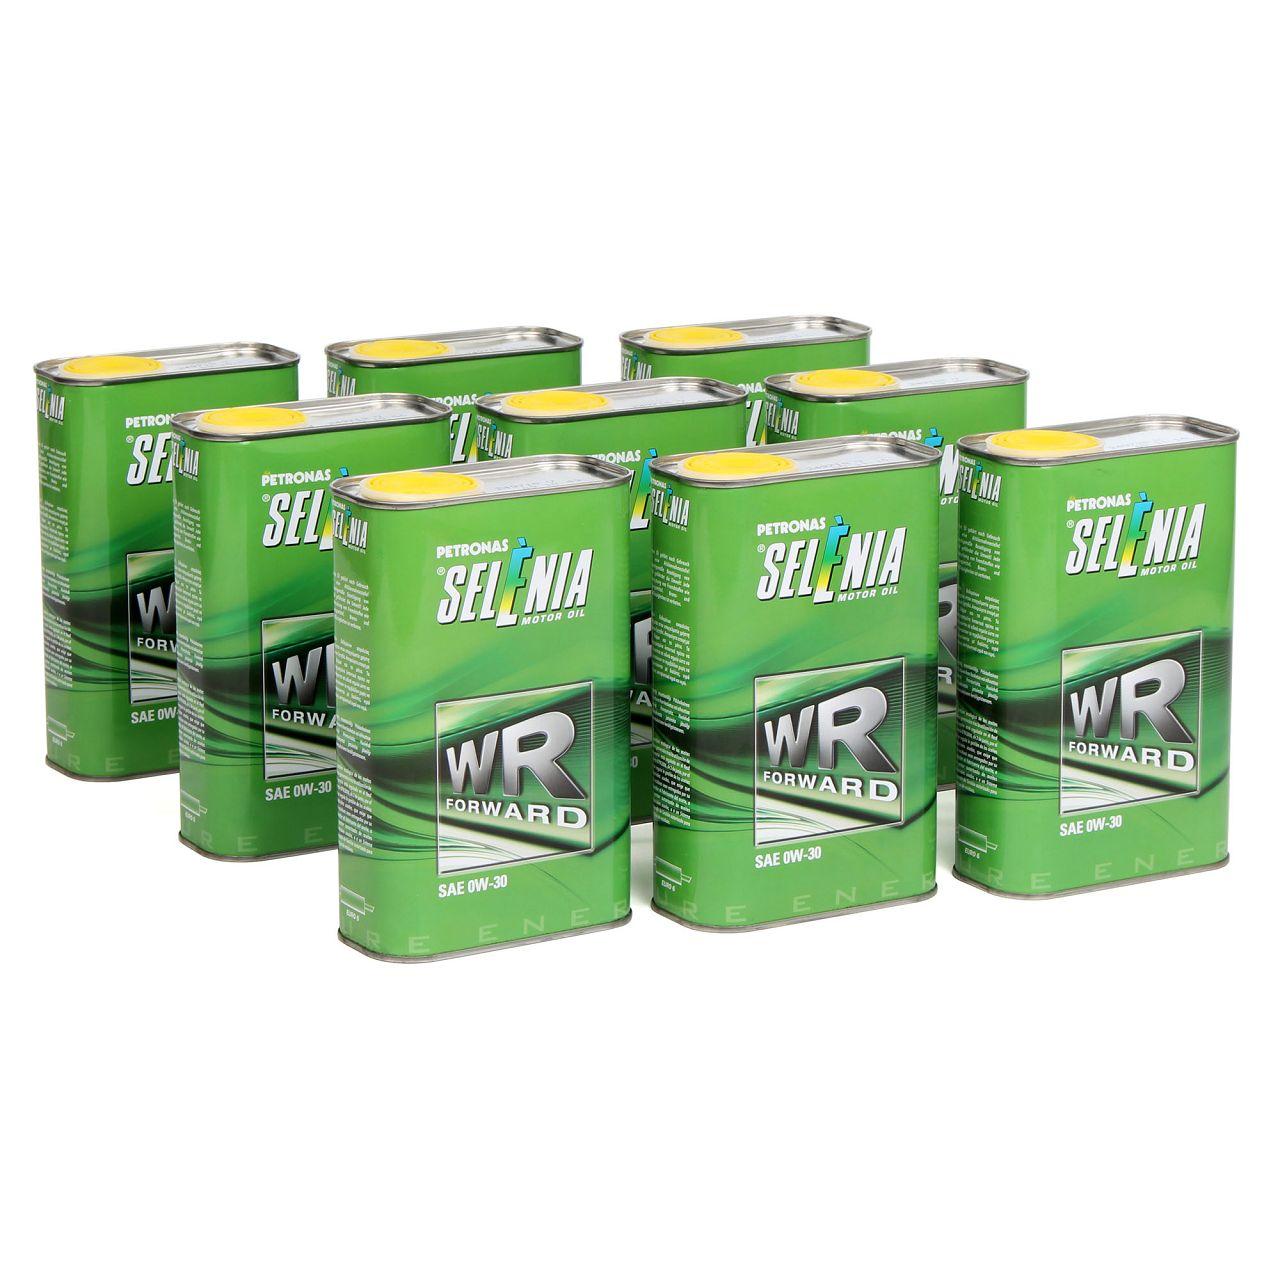 PETRONAS SELENIA Motoröl Öl WR FORWARD 0W30 0W-30 Fiat 9.55535-DS1 - 9L 9 Liter